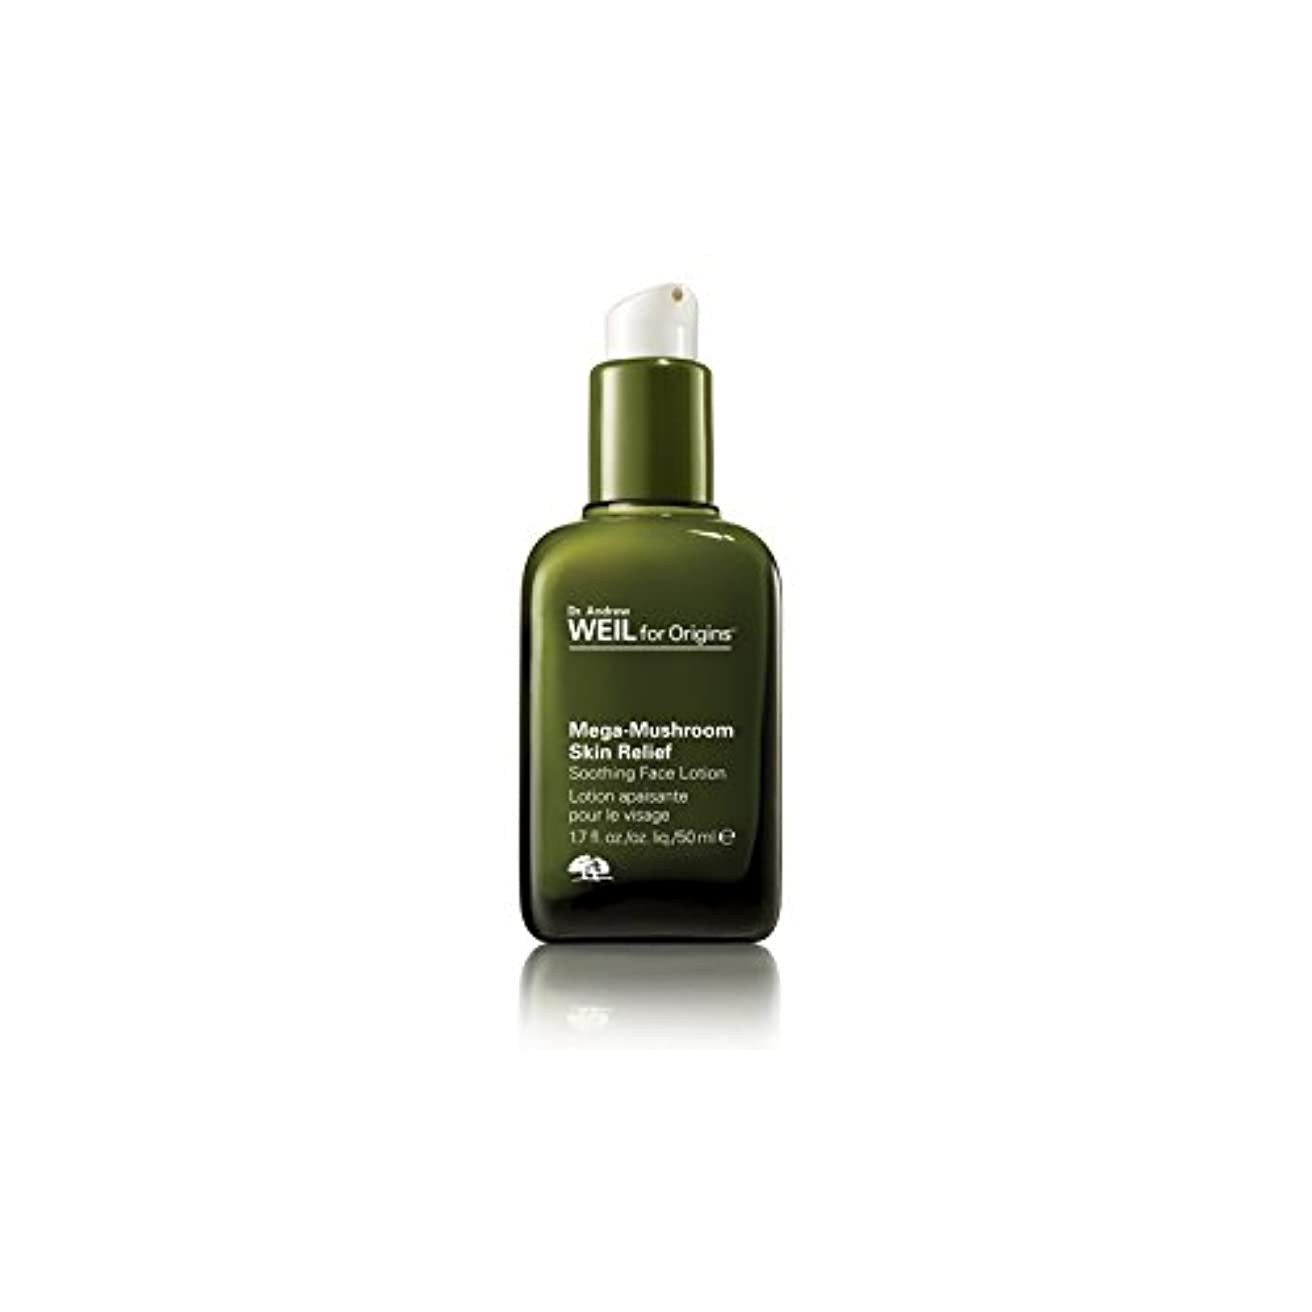 染料労働者脈拍Origins Dr. Andrew Weil For Origins Mega-Mushroom Skin Relief Soothing Face Lotion 50ml (Pack of 6) - 起源アンドルー?ワイル...